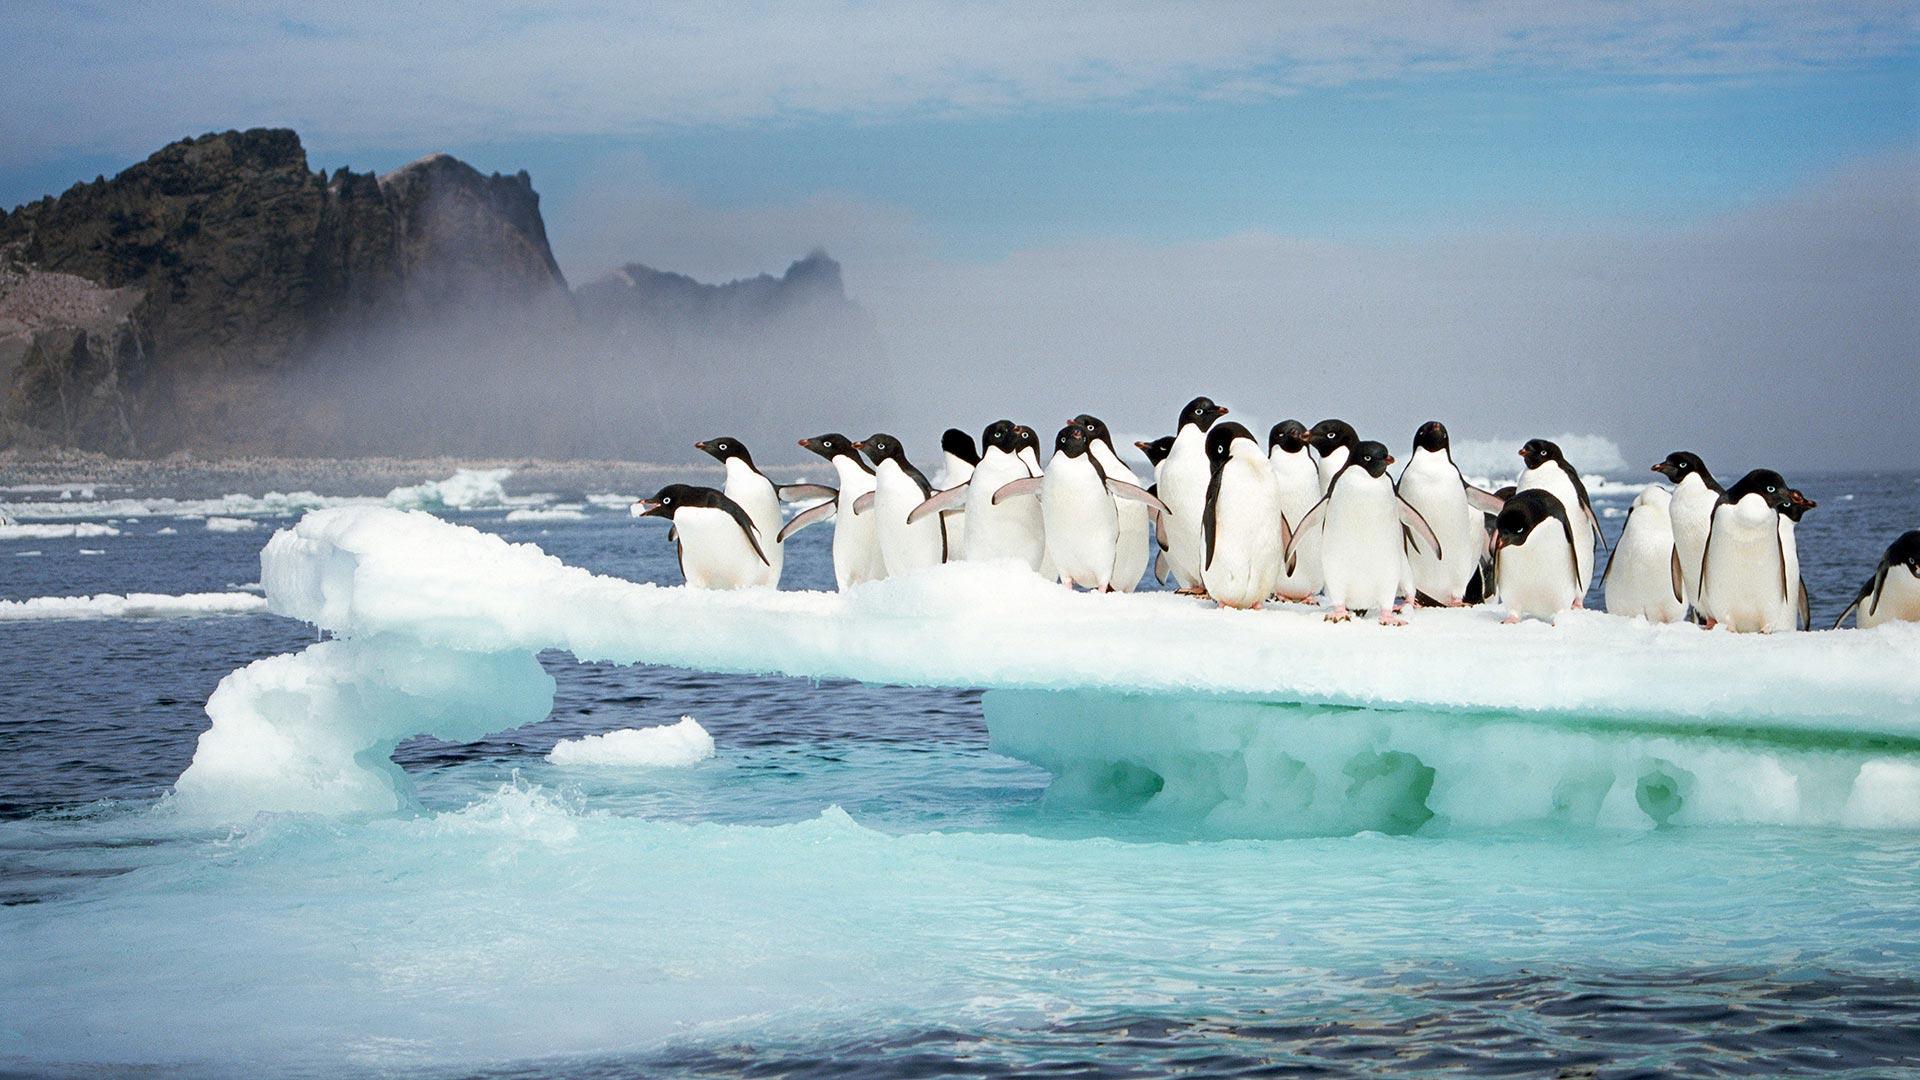 珀泽申群岛上的阿德利企鹅